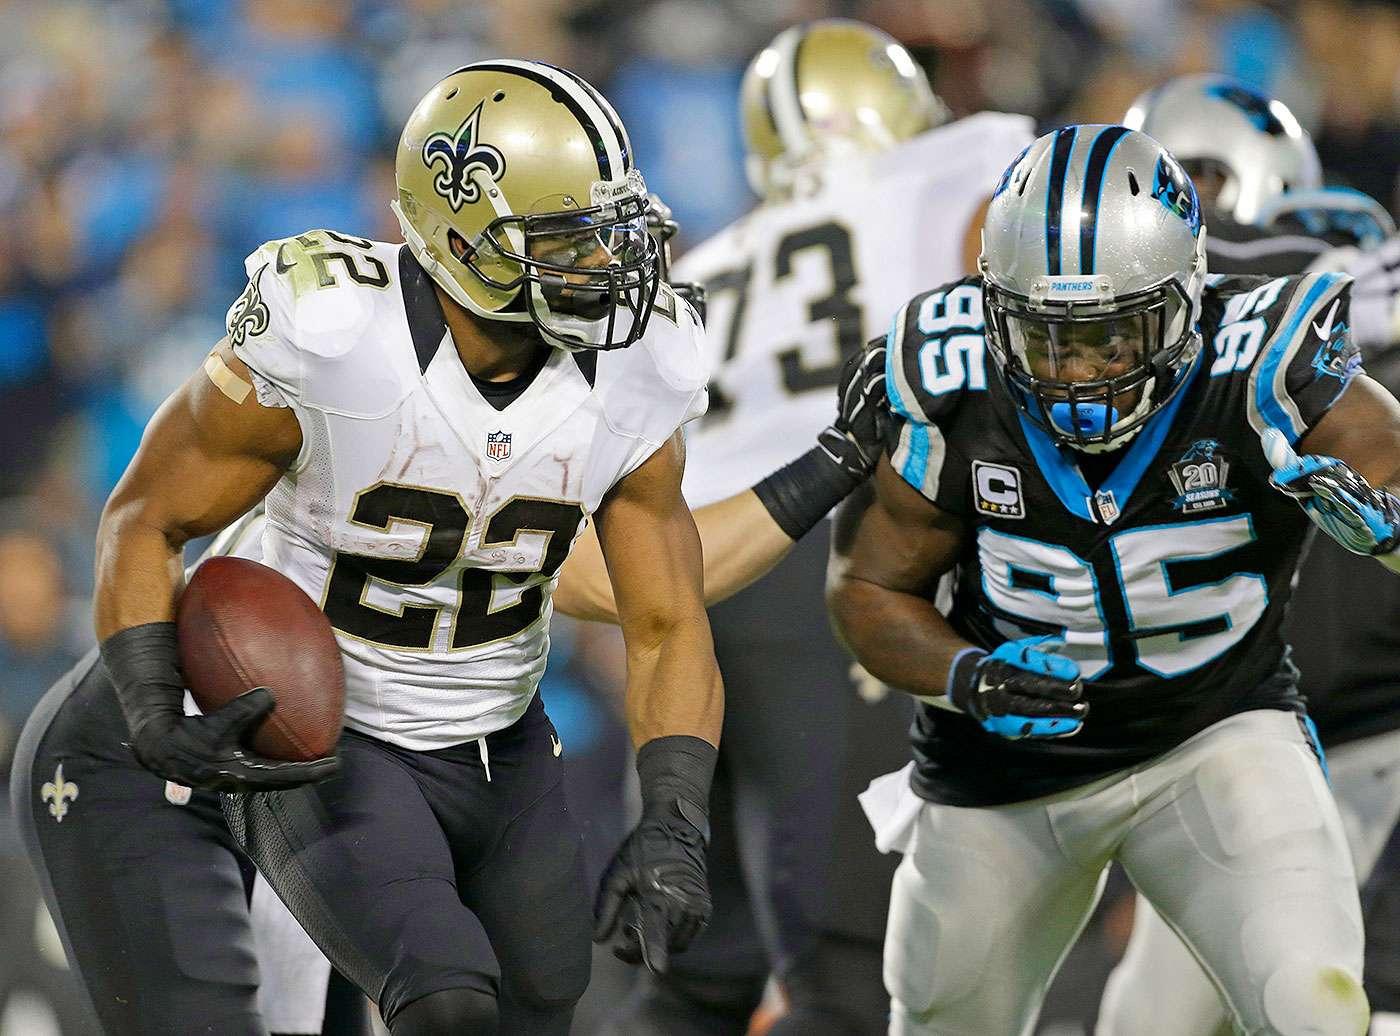 Drew Brees se recuperó de un mal comienzo, lanzó para un touchdown y corrió para otro más para guiar a los New Orleans Saints al triunfo por 28-10 sobre los Carolina Panthers y tomar por asalto el primer lugar en la NFC Sur. Foto: AP